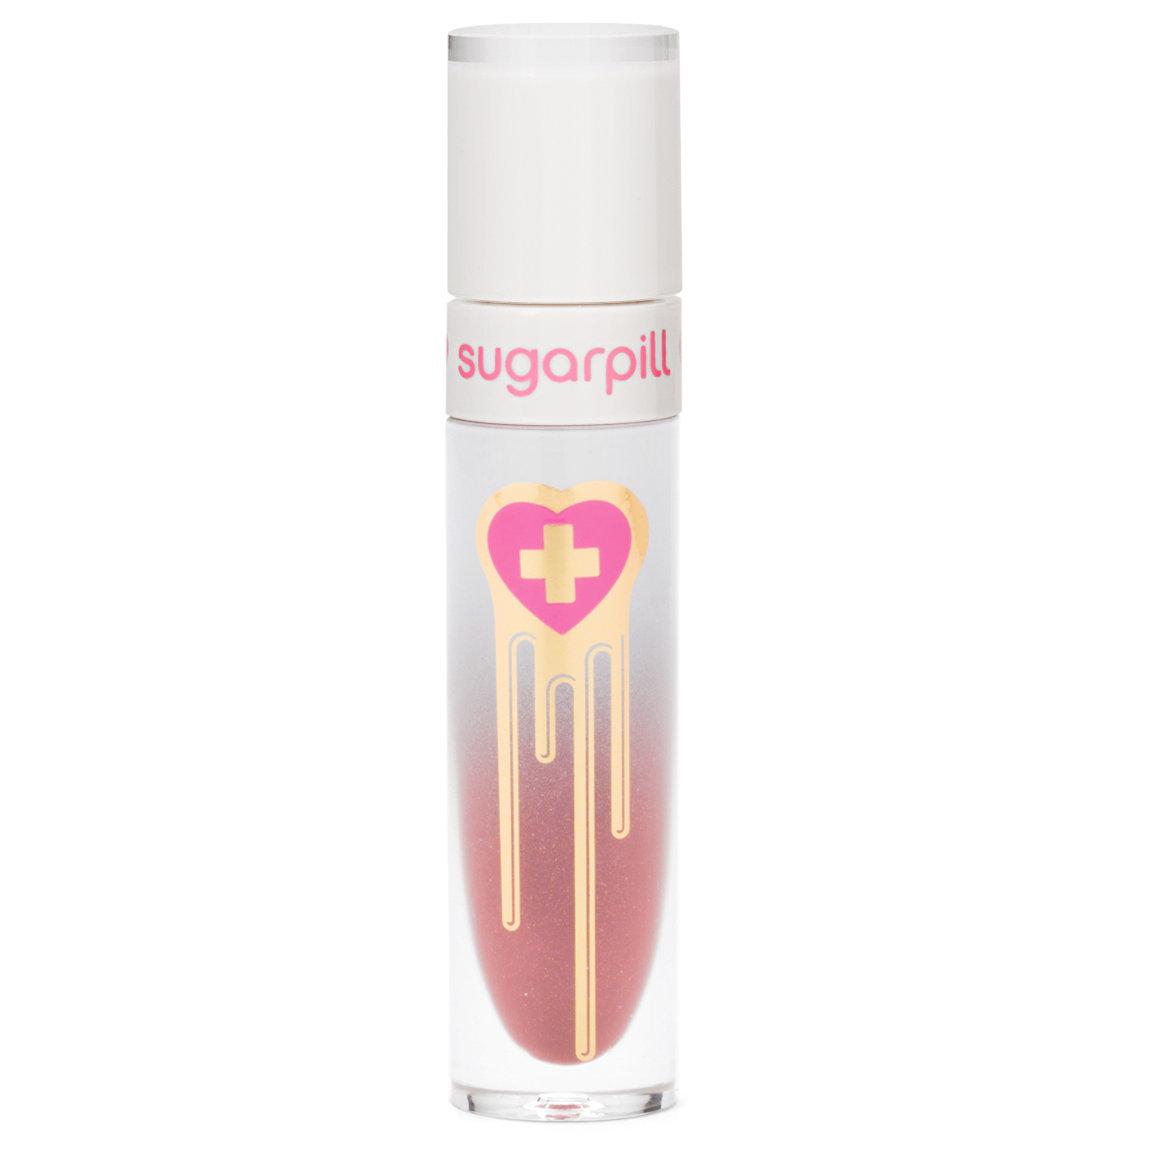 Sugarpill Cosmetics Liquid Lip Color Pillow Fight